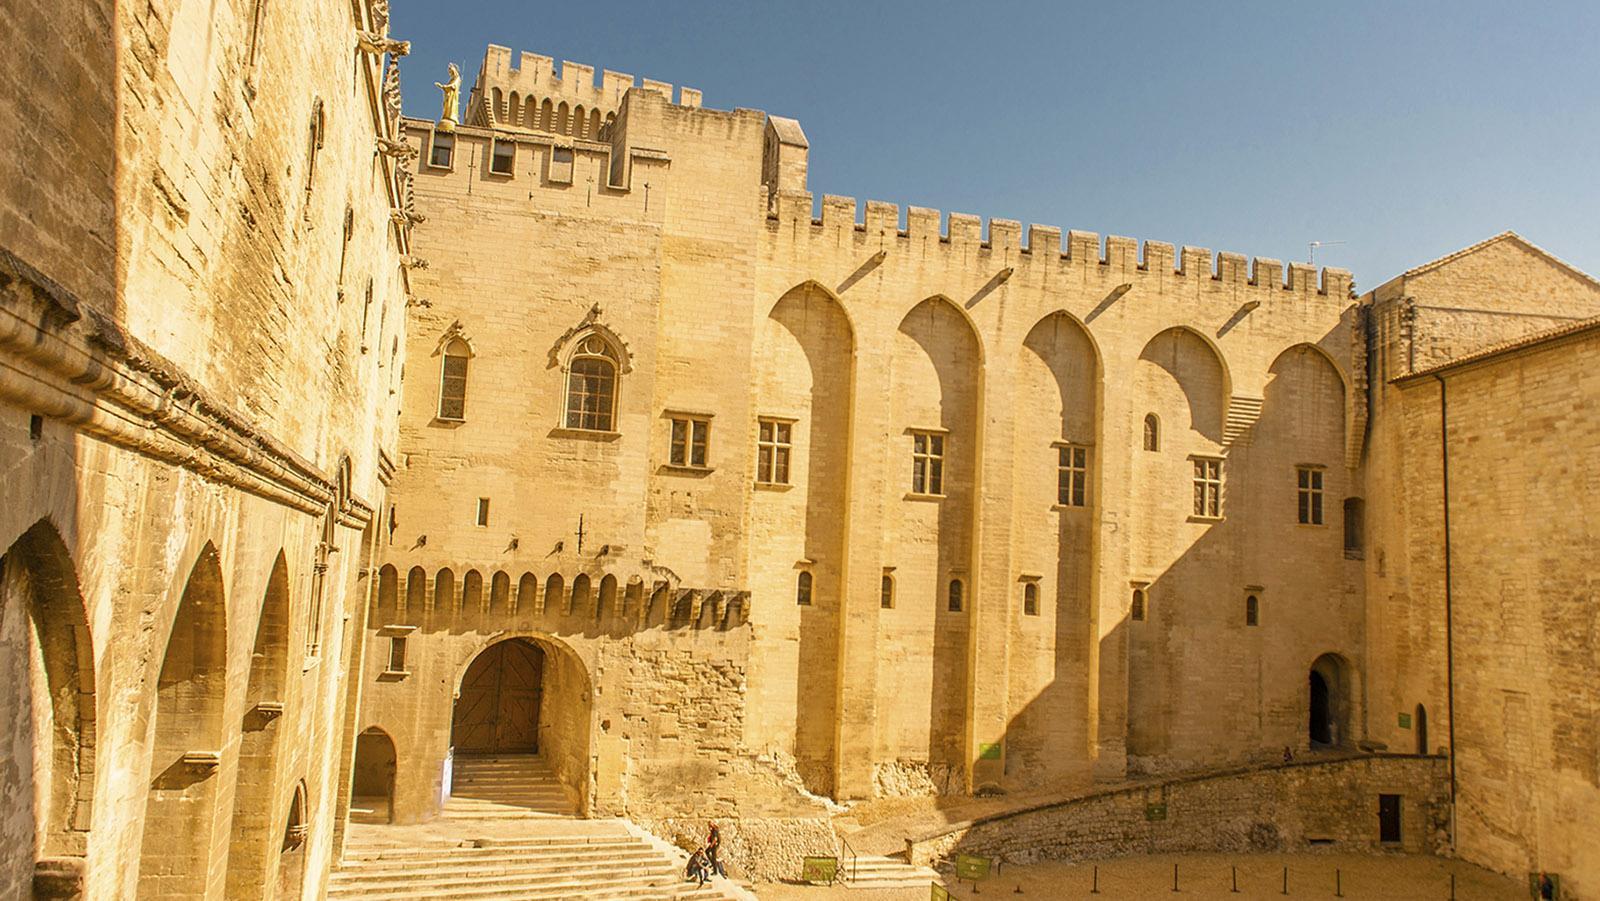 Im Innern des Papstpalastes von Avignon. Foto: Hilke Maunder